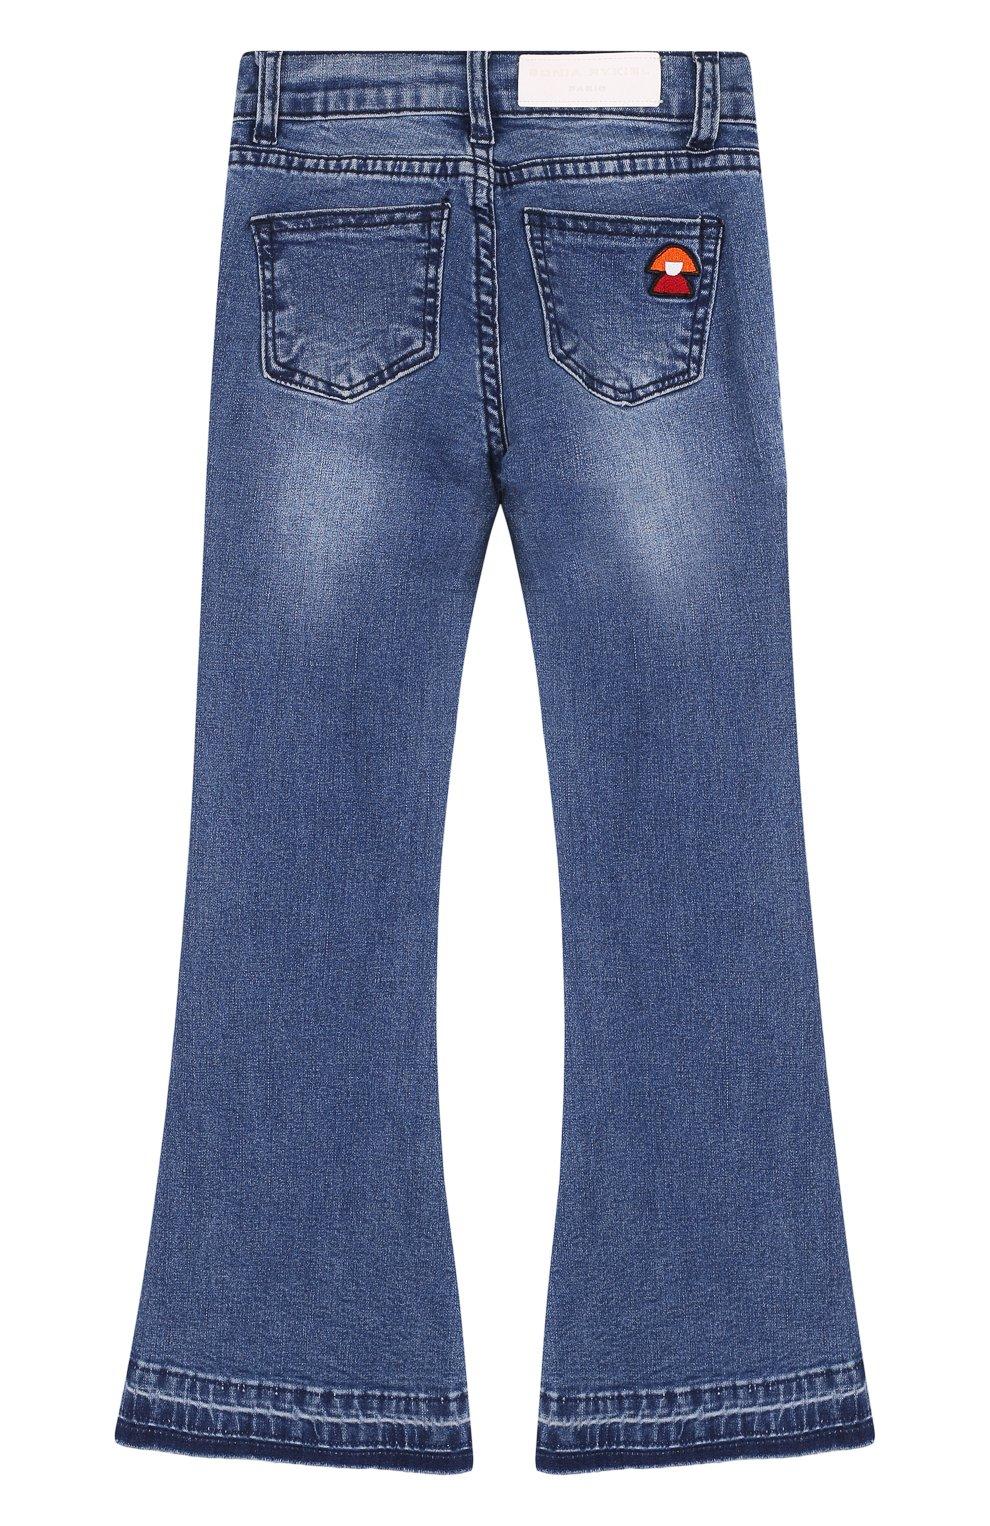 Детские расклешенные джинсы с нашивкой SONIA RYKIEL ENFANT синего цвета, арт. 18S1PA04 | Фото 2